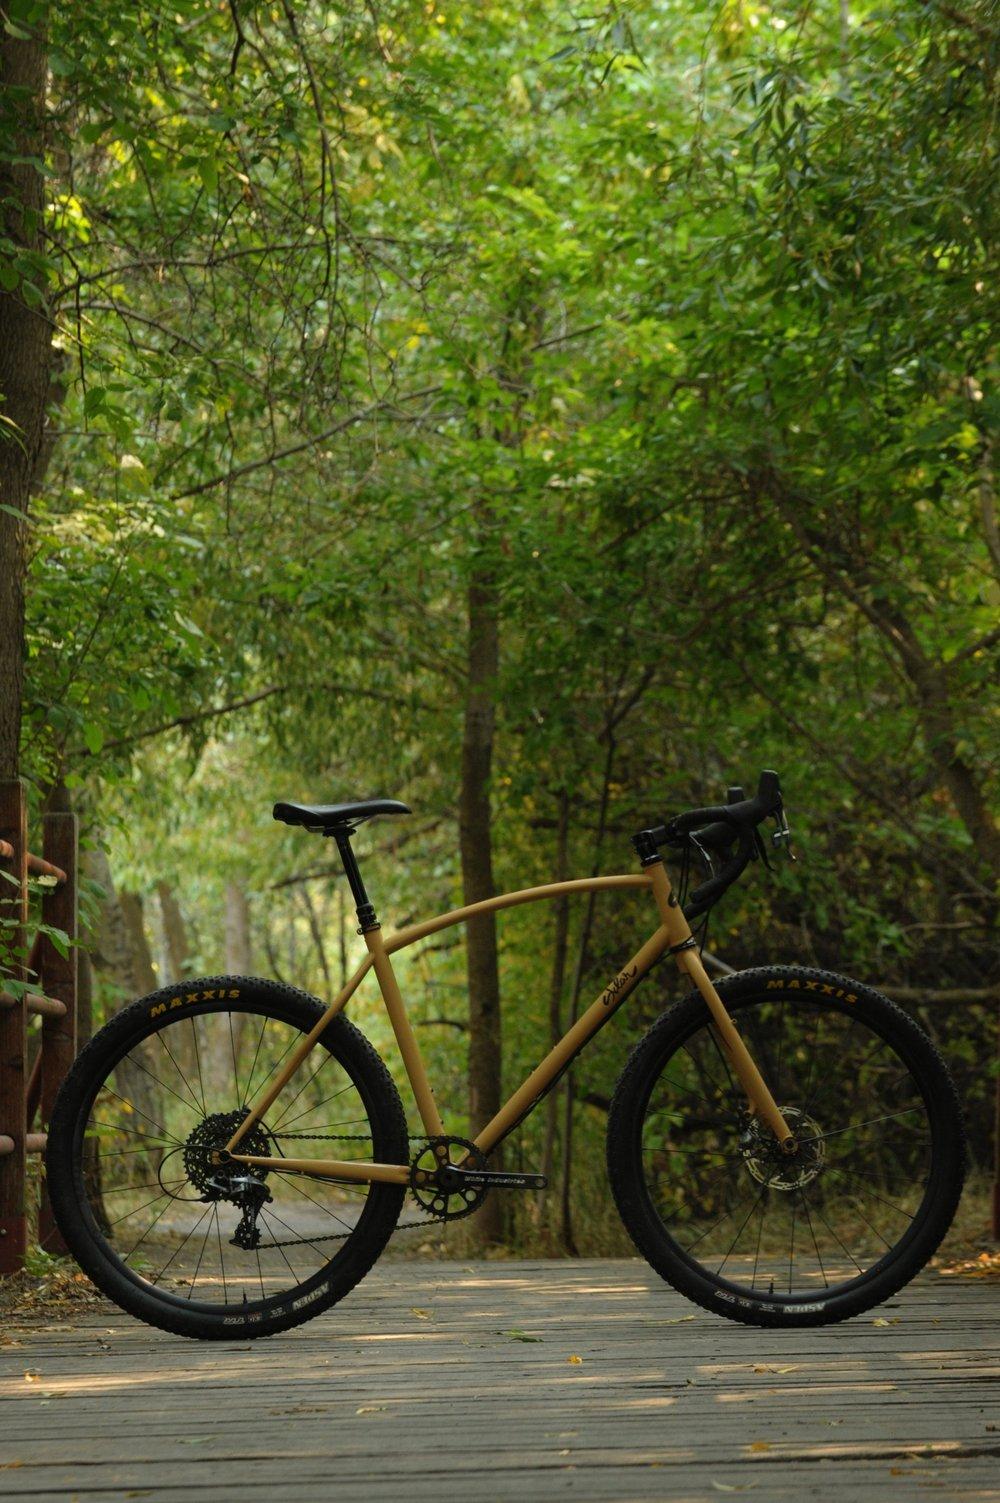 steel monstercross bike